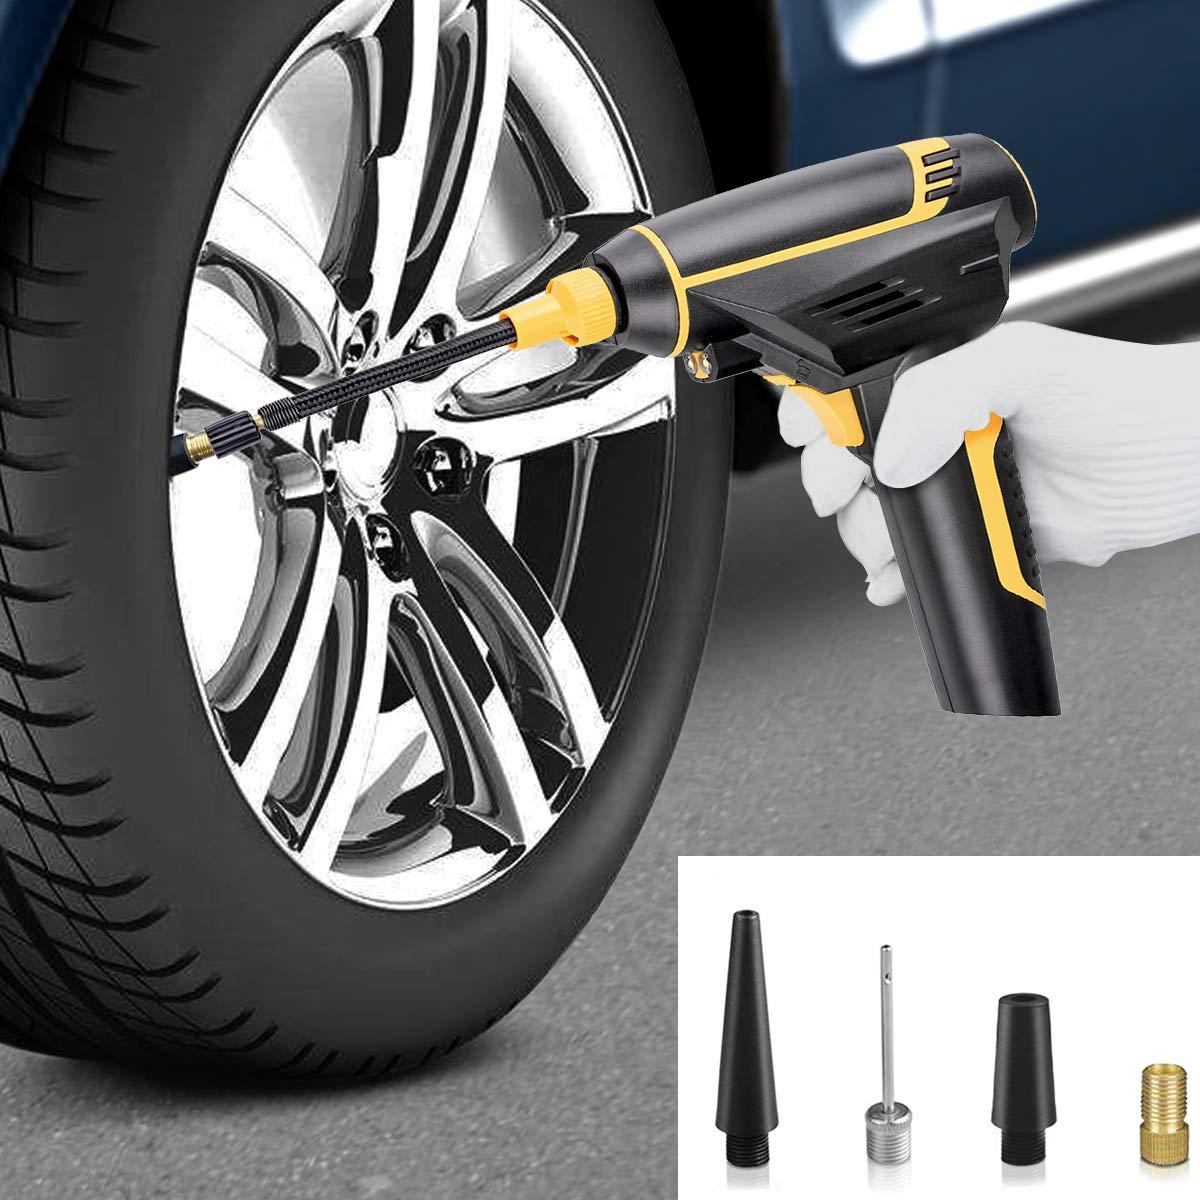 Bicicletta Compressore Portatile per Auto Mini Compressore Ricaricabile Pompa con Schermo LCD Cuscino dAria 150PSI per Auto,Moto Giochi con La Palla